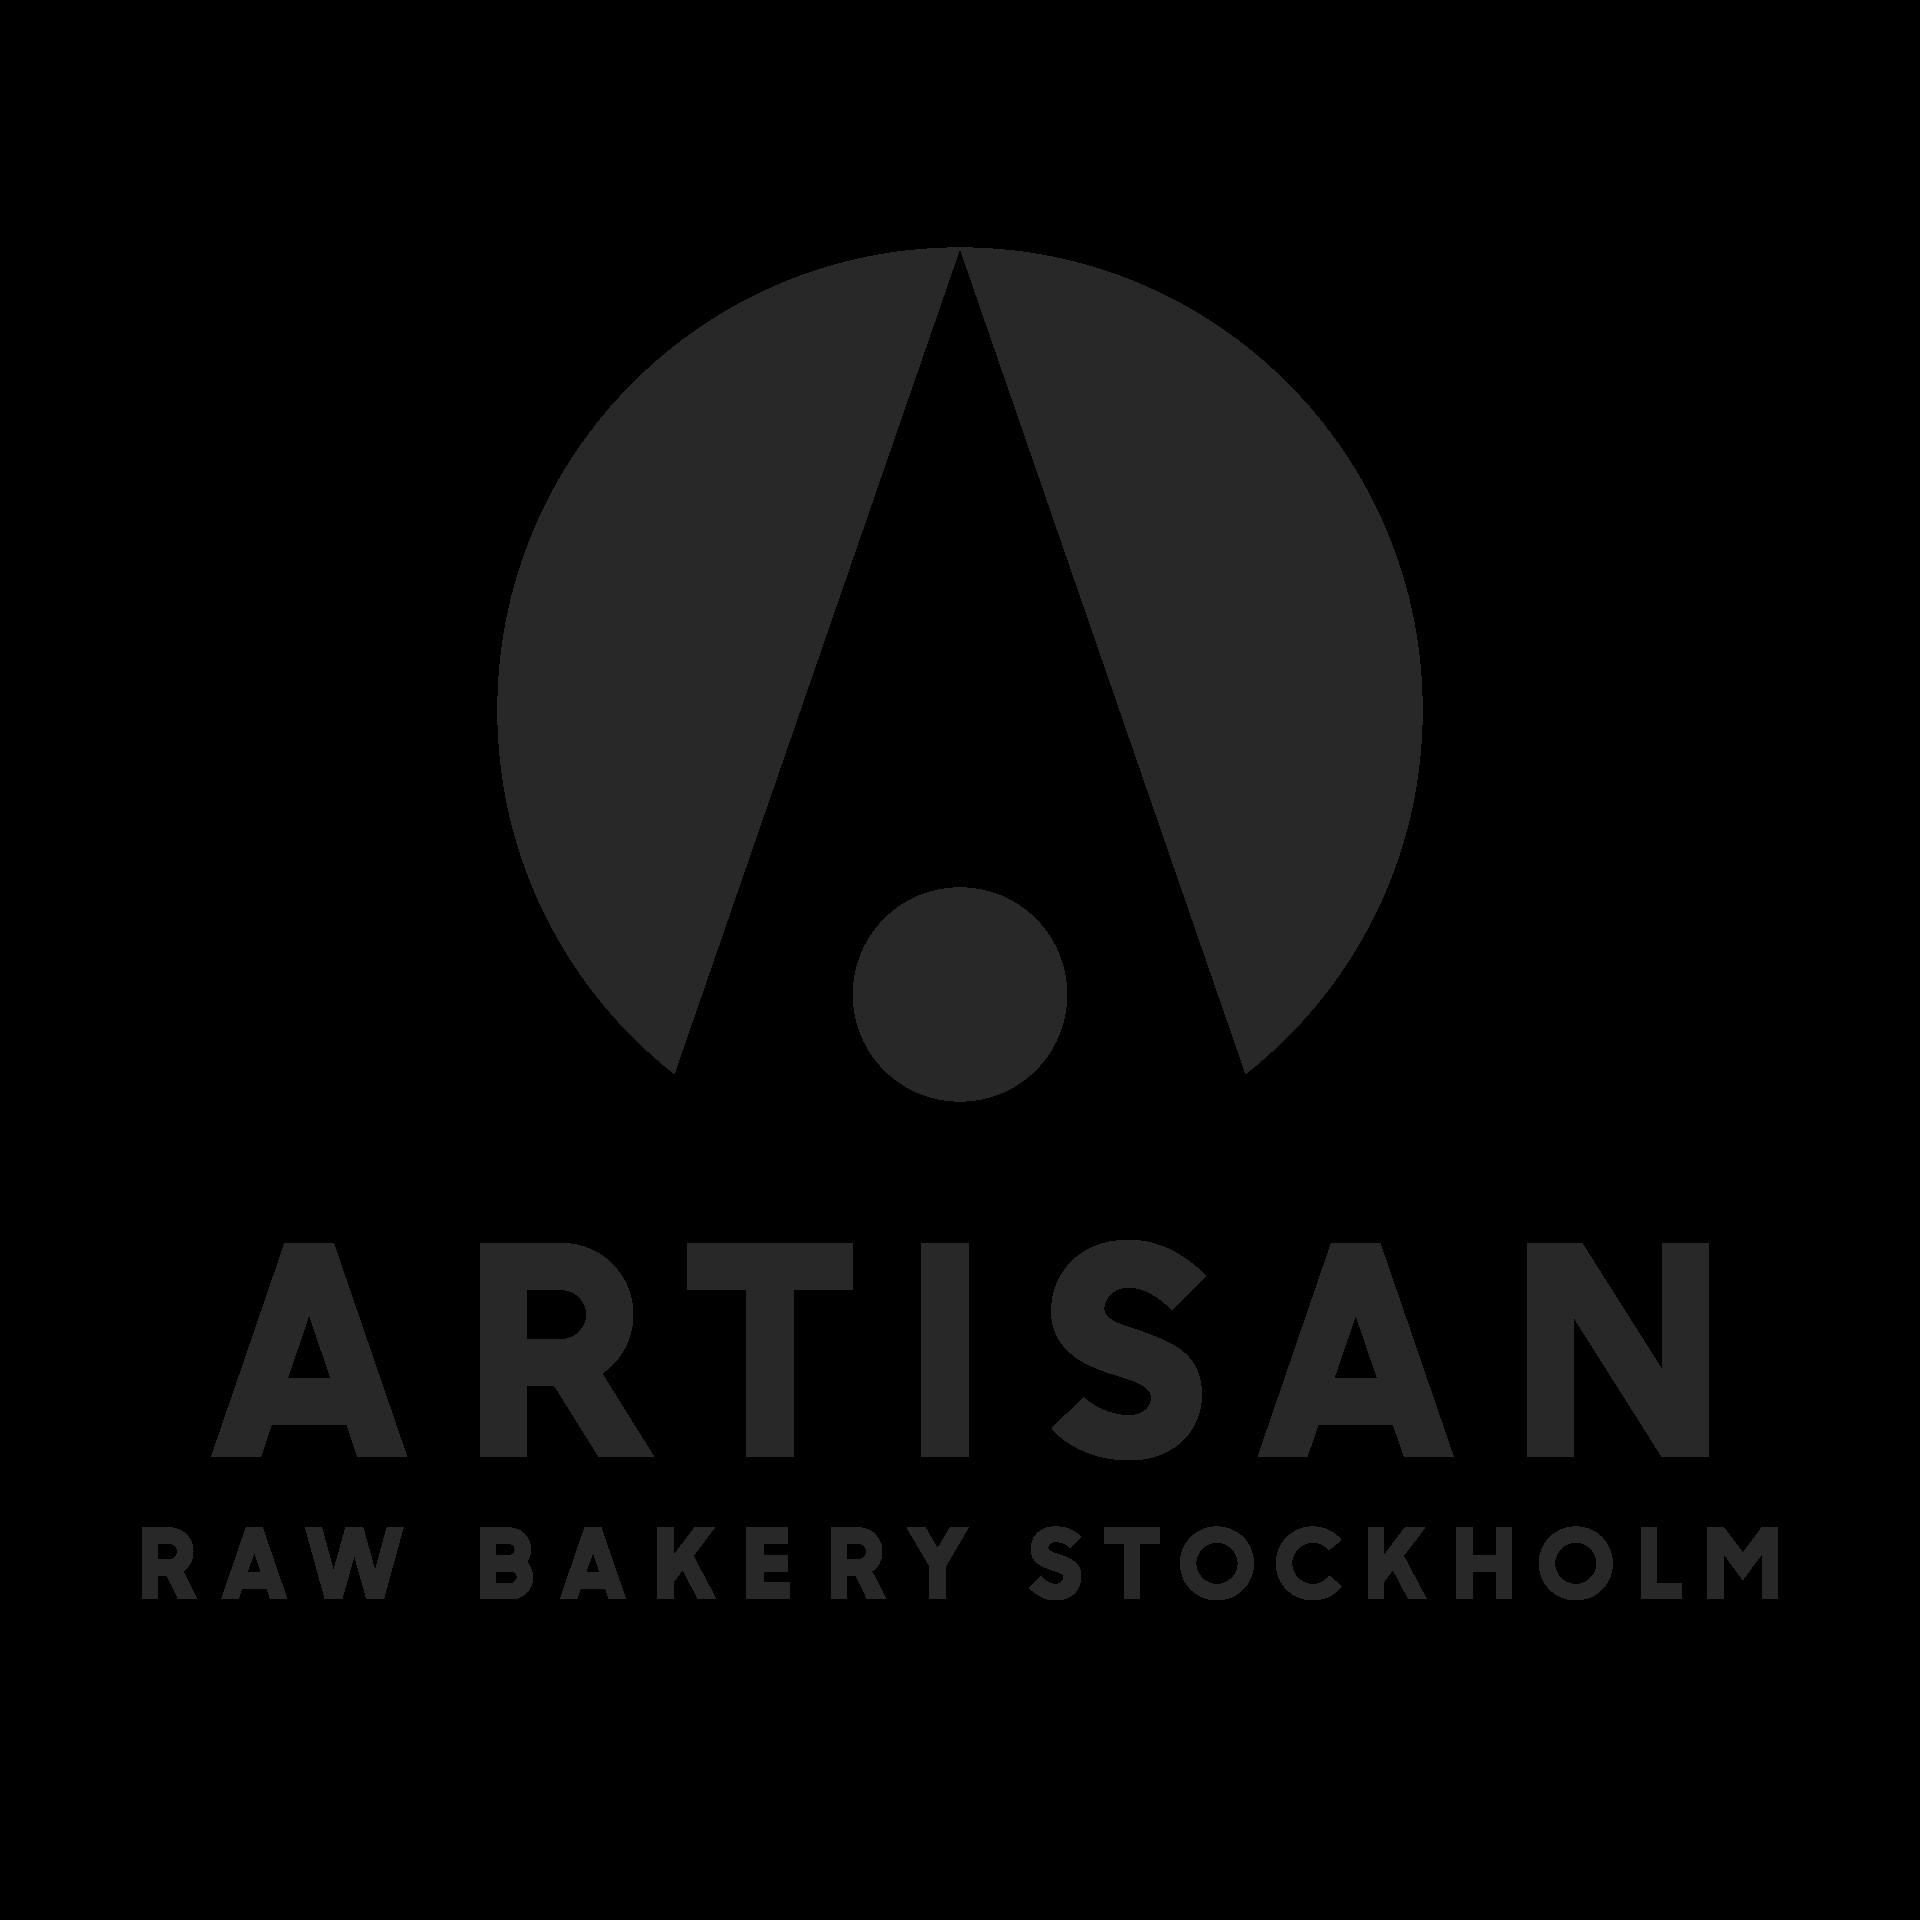 Artisan_logo_primary_L_RGB.png